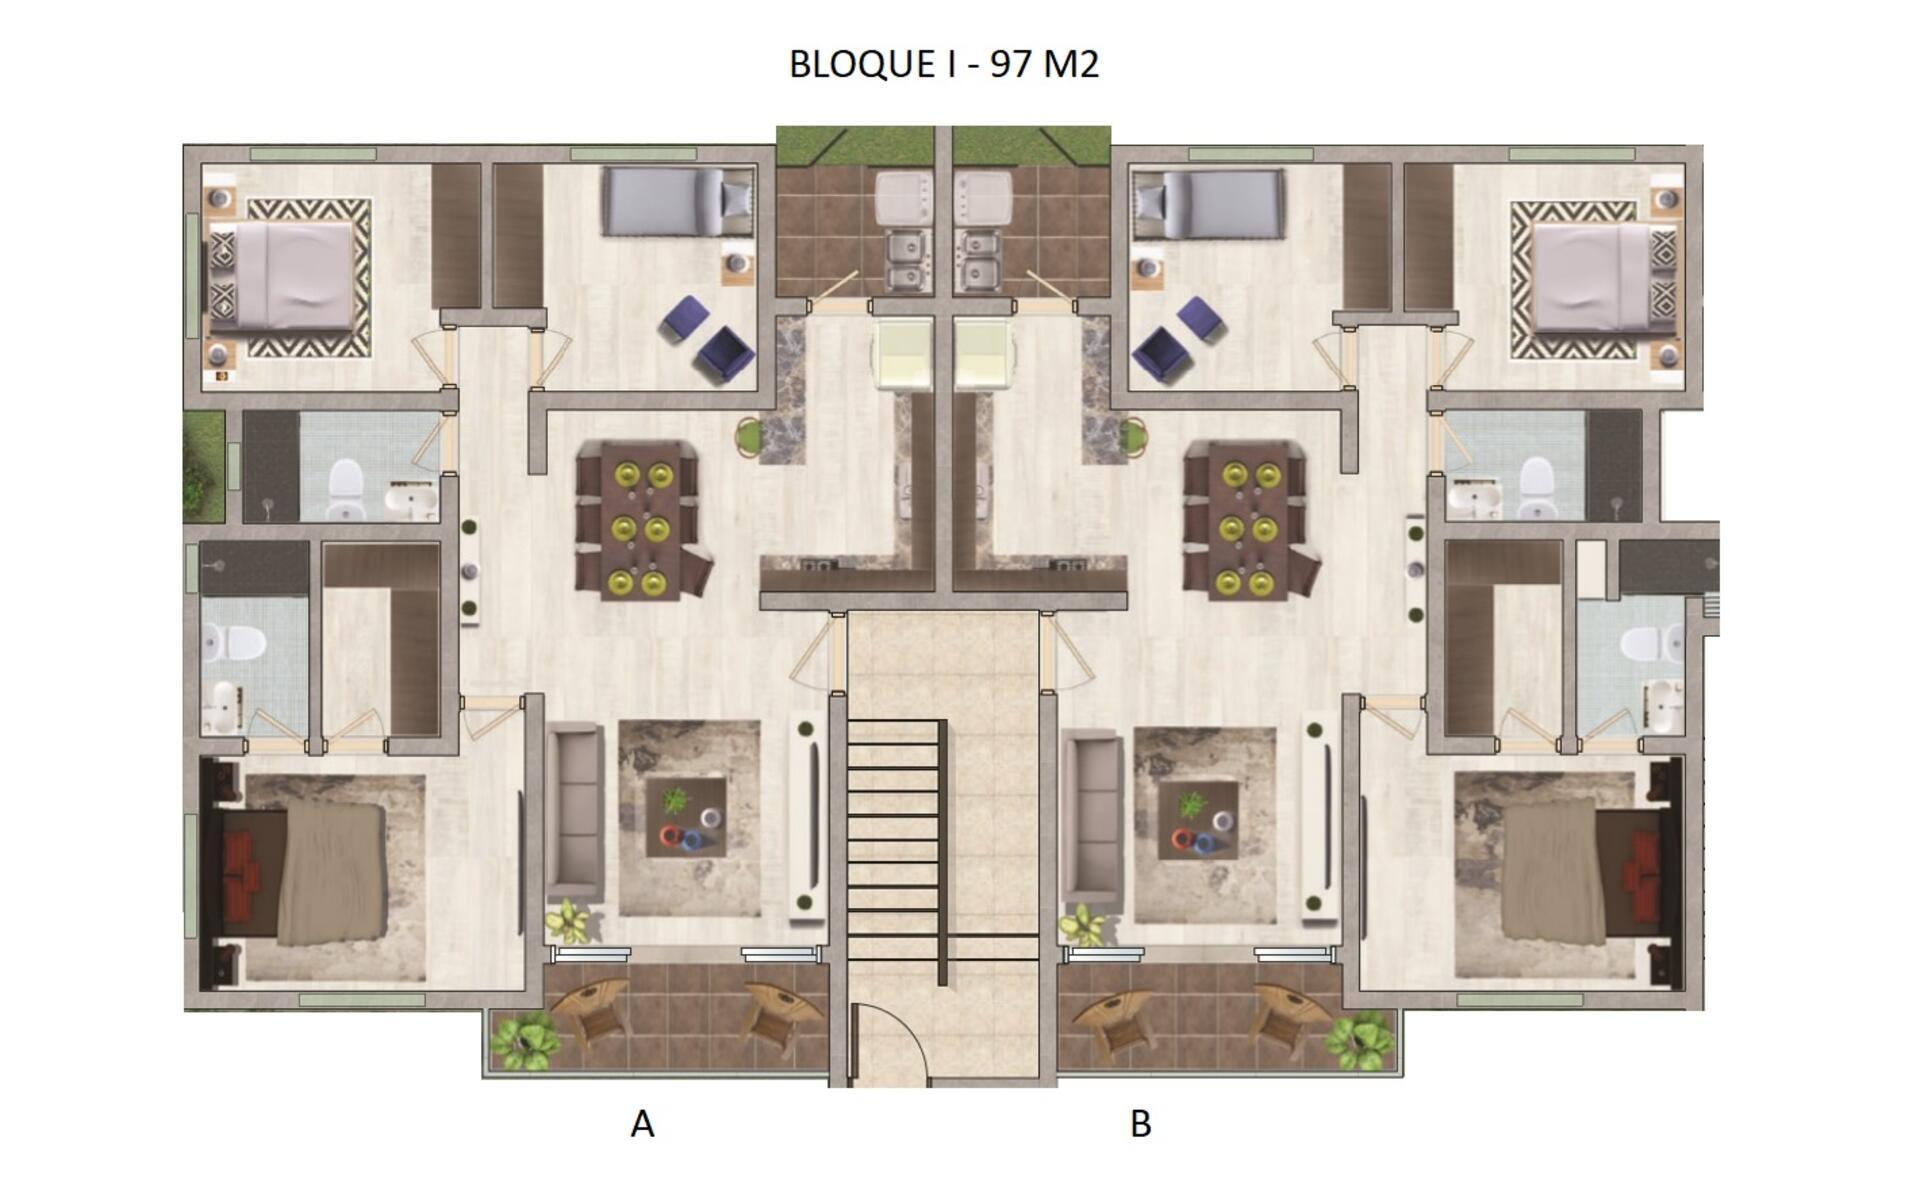 Urb. Paraiso Oriental, Apartamento En Venta Con 97 Mts2